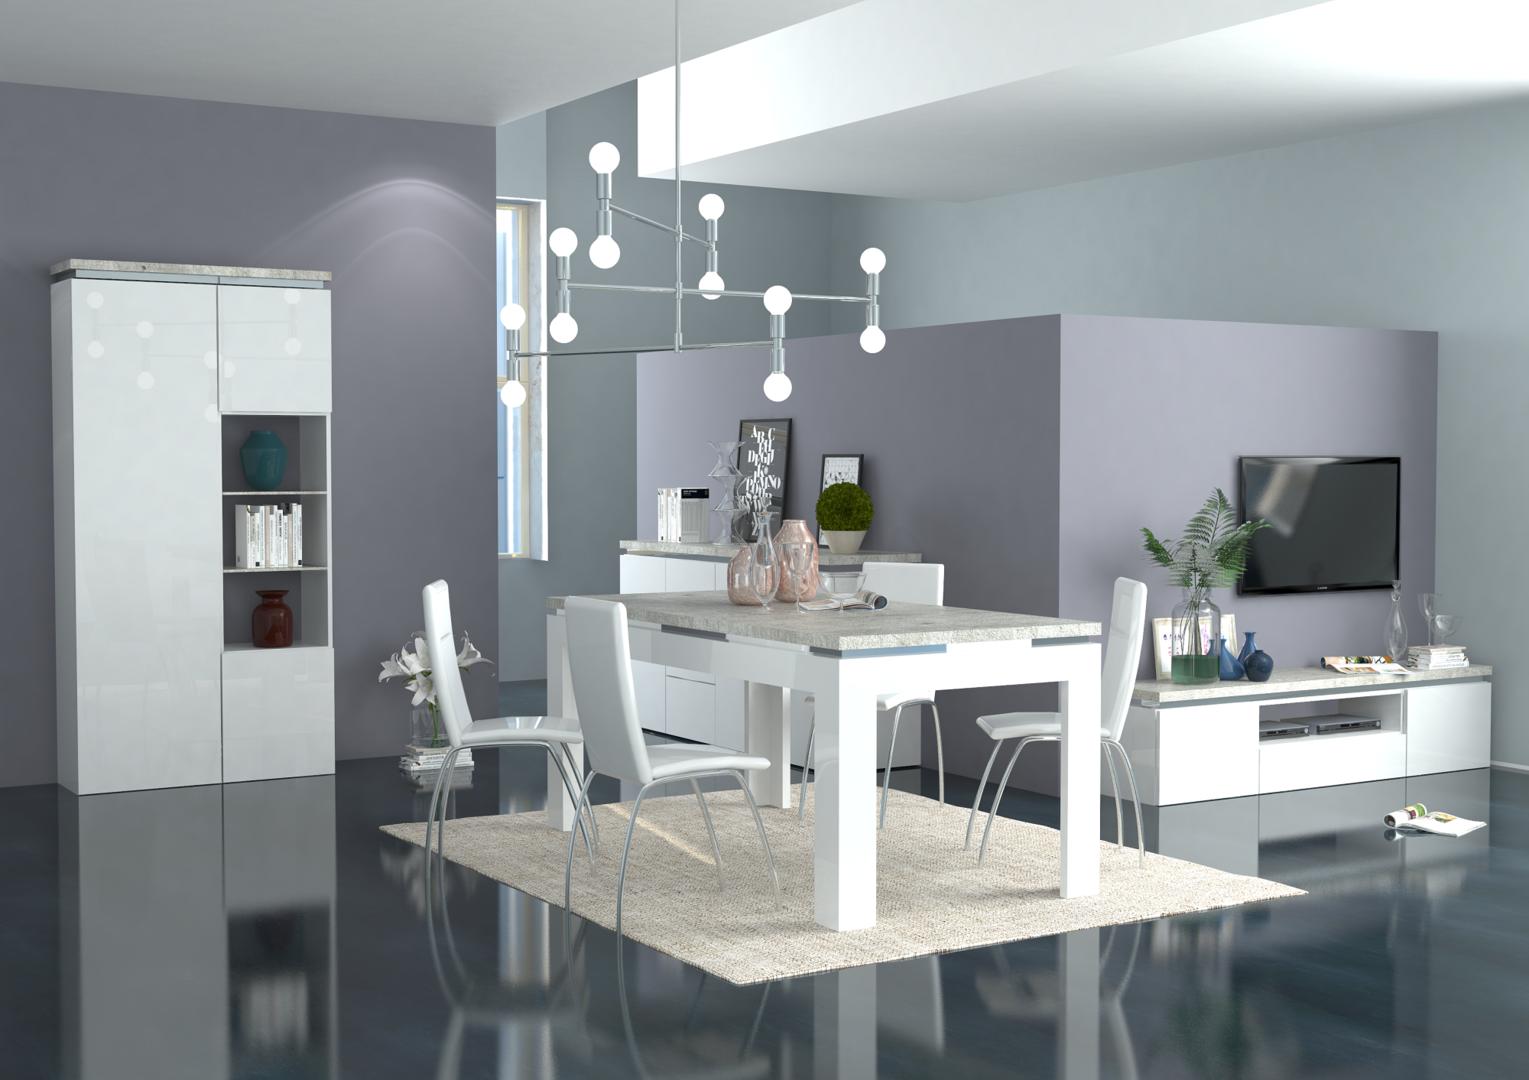 Tavolo moderno bianco messico mobile per sala da pranzo for Mobile tavolo